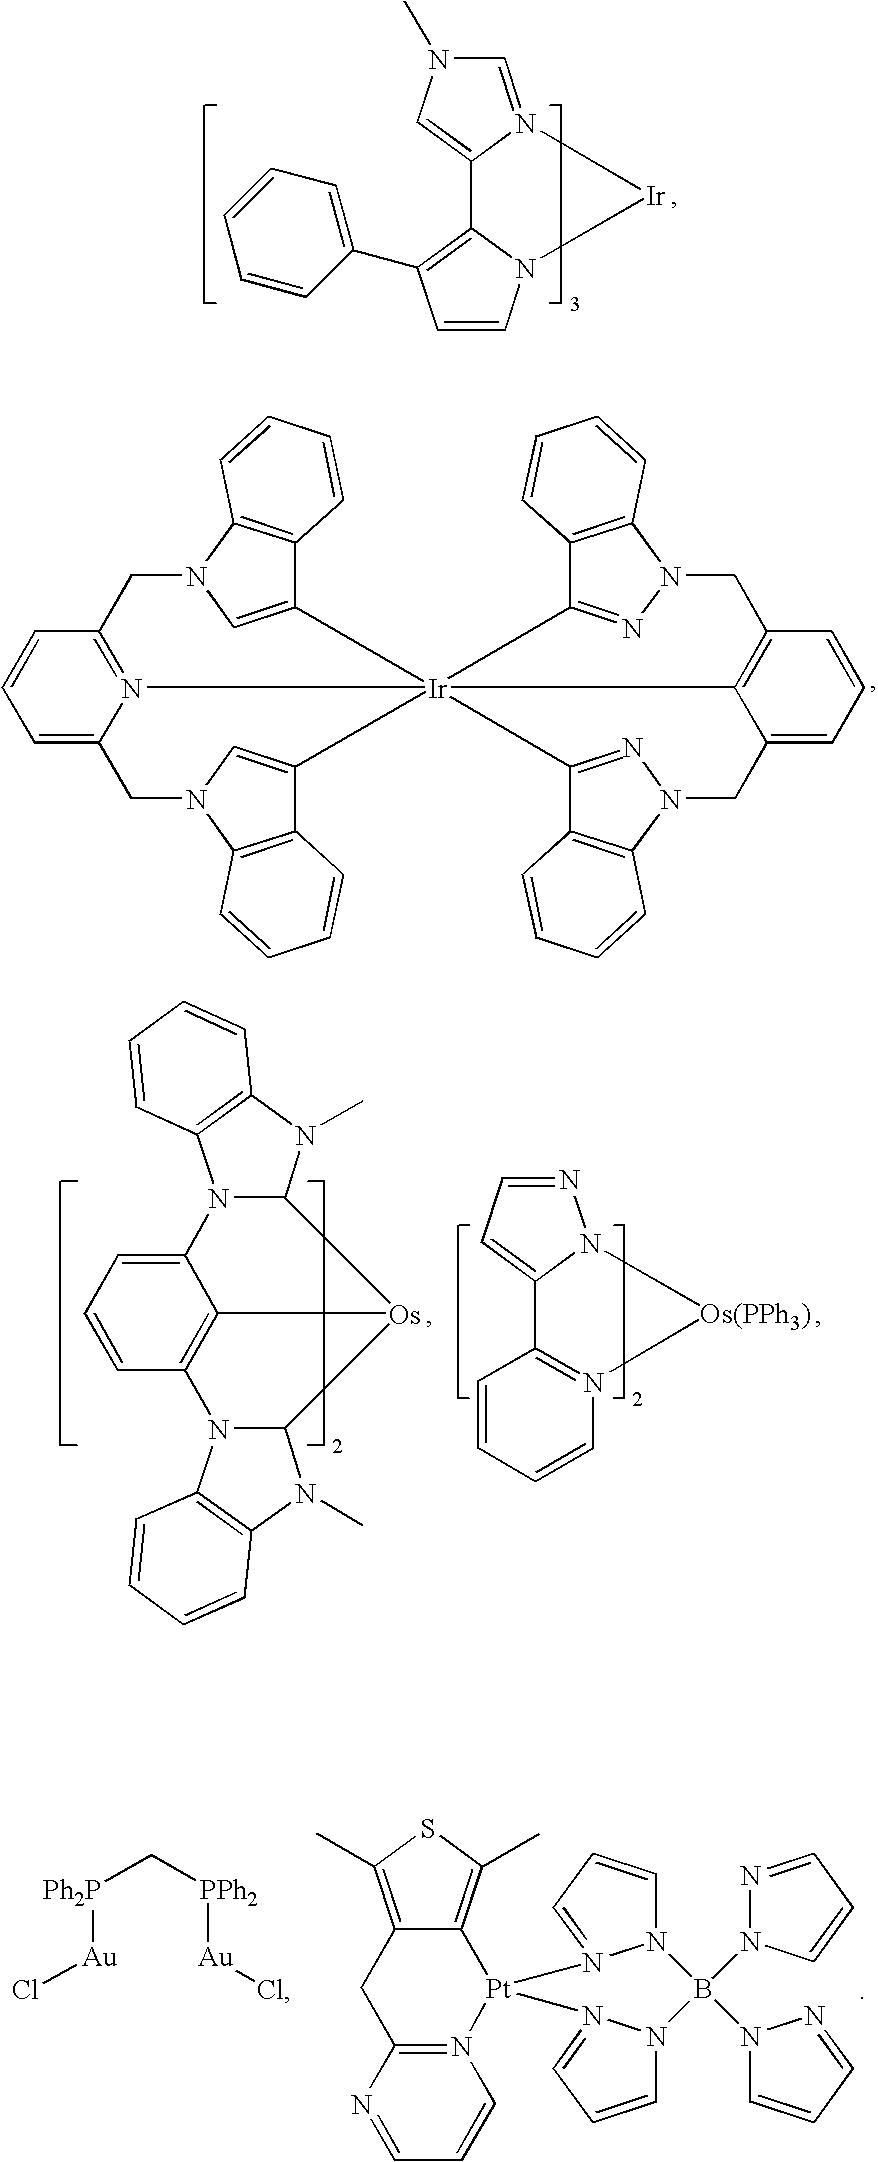 Figure US20100072887A1-20100325-C00227